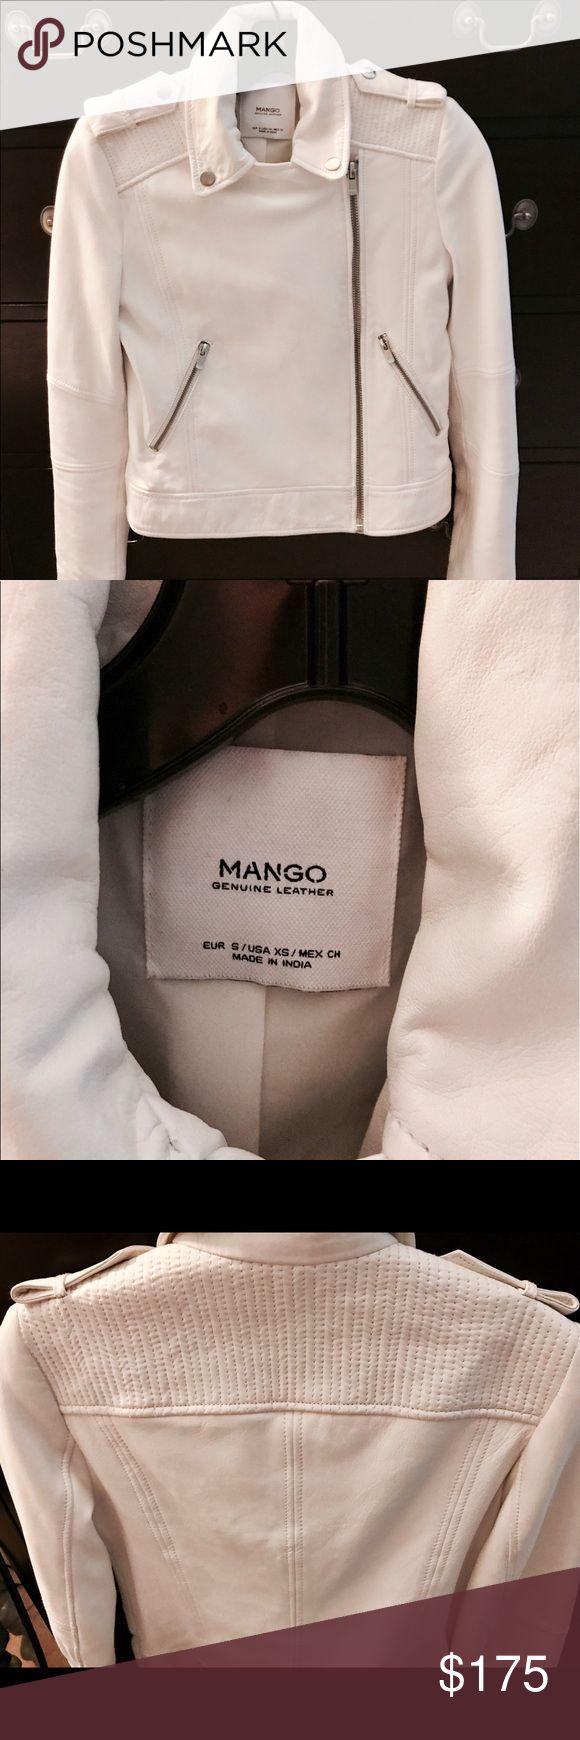 Mango bright white leather jacket Gorgeous buttery soft white leather jacket by Mango. Worn twice - like new. Jackets & Coats